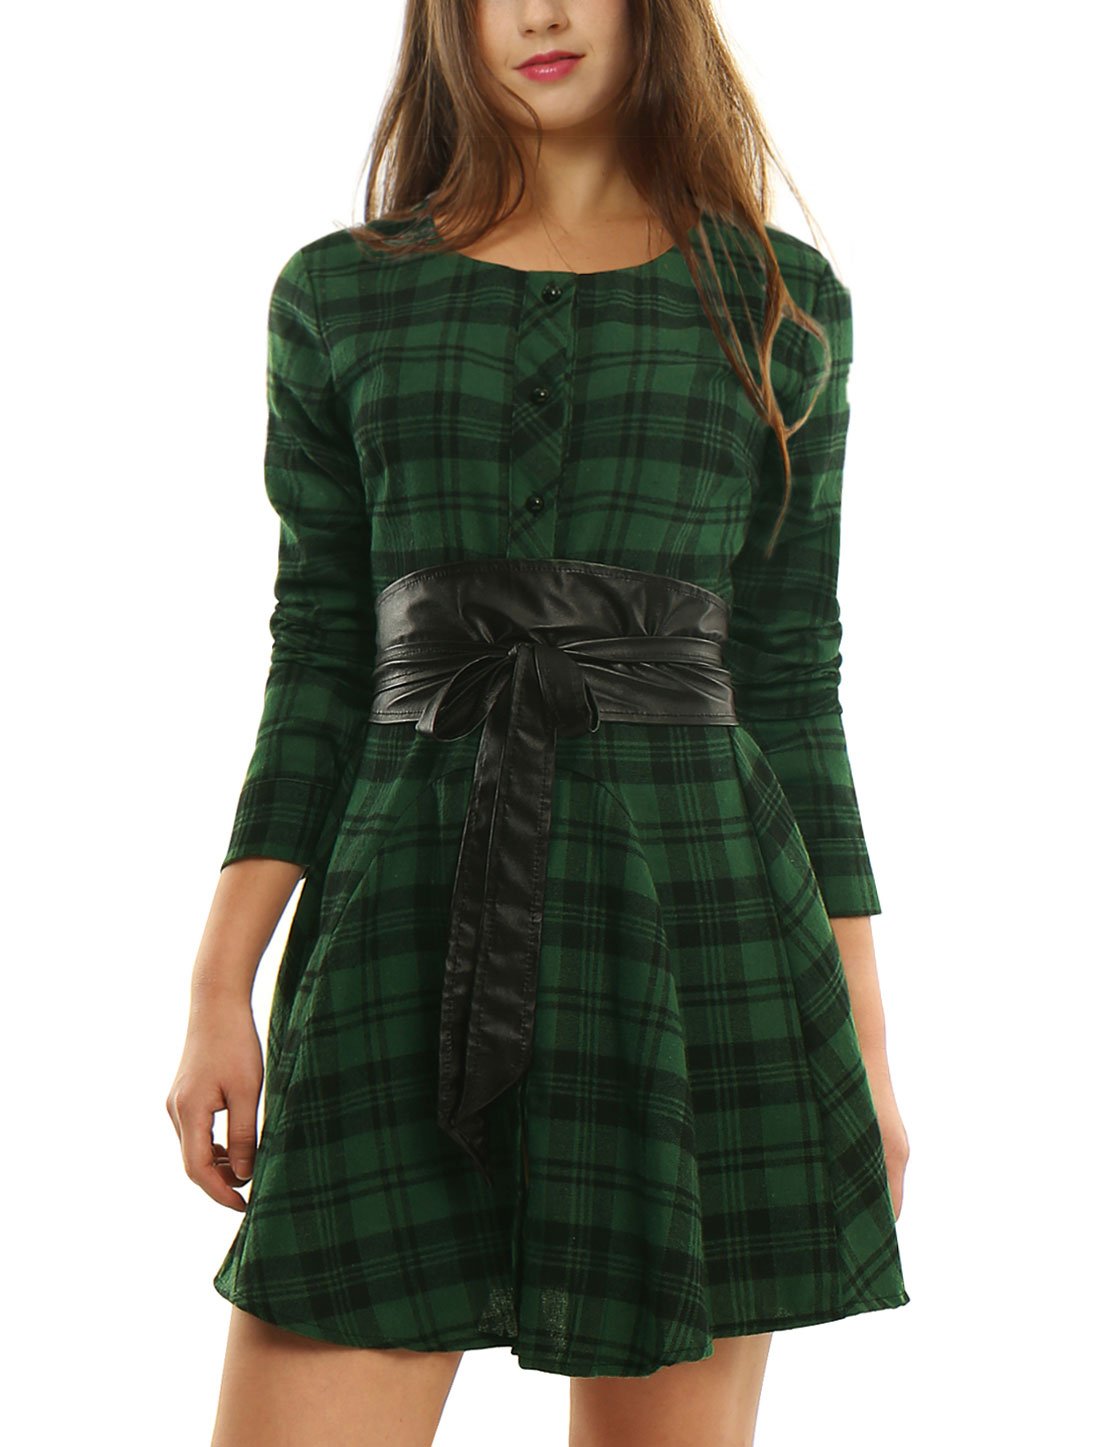 Allegra K Women Plaids Long Sleeves Belted A Line Shirt Dress Green Black M